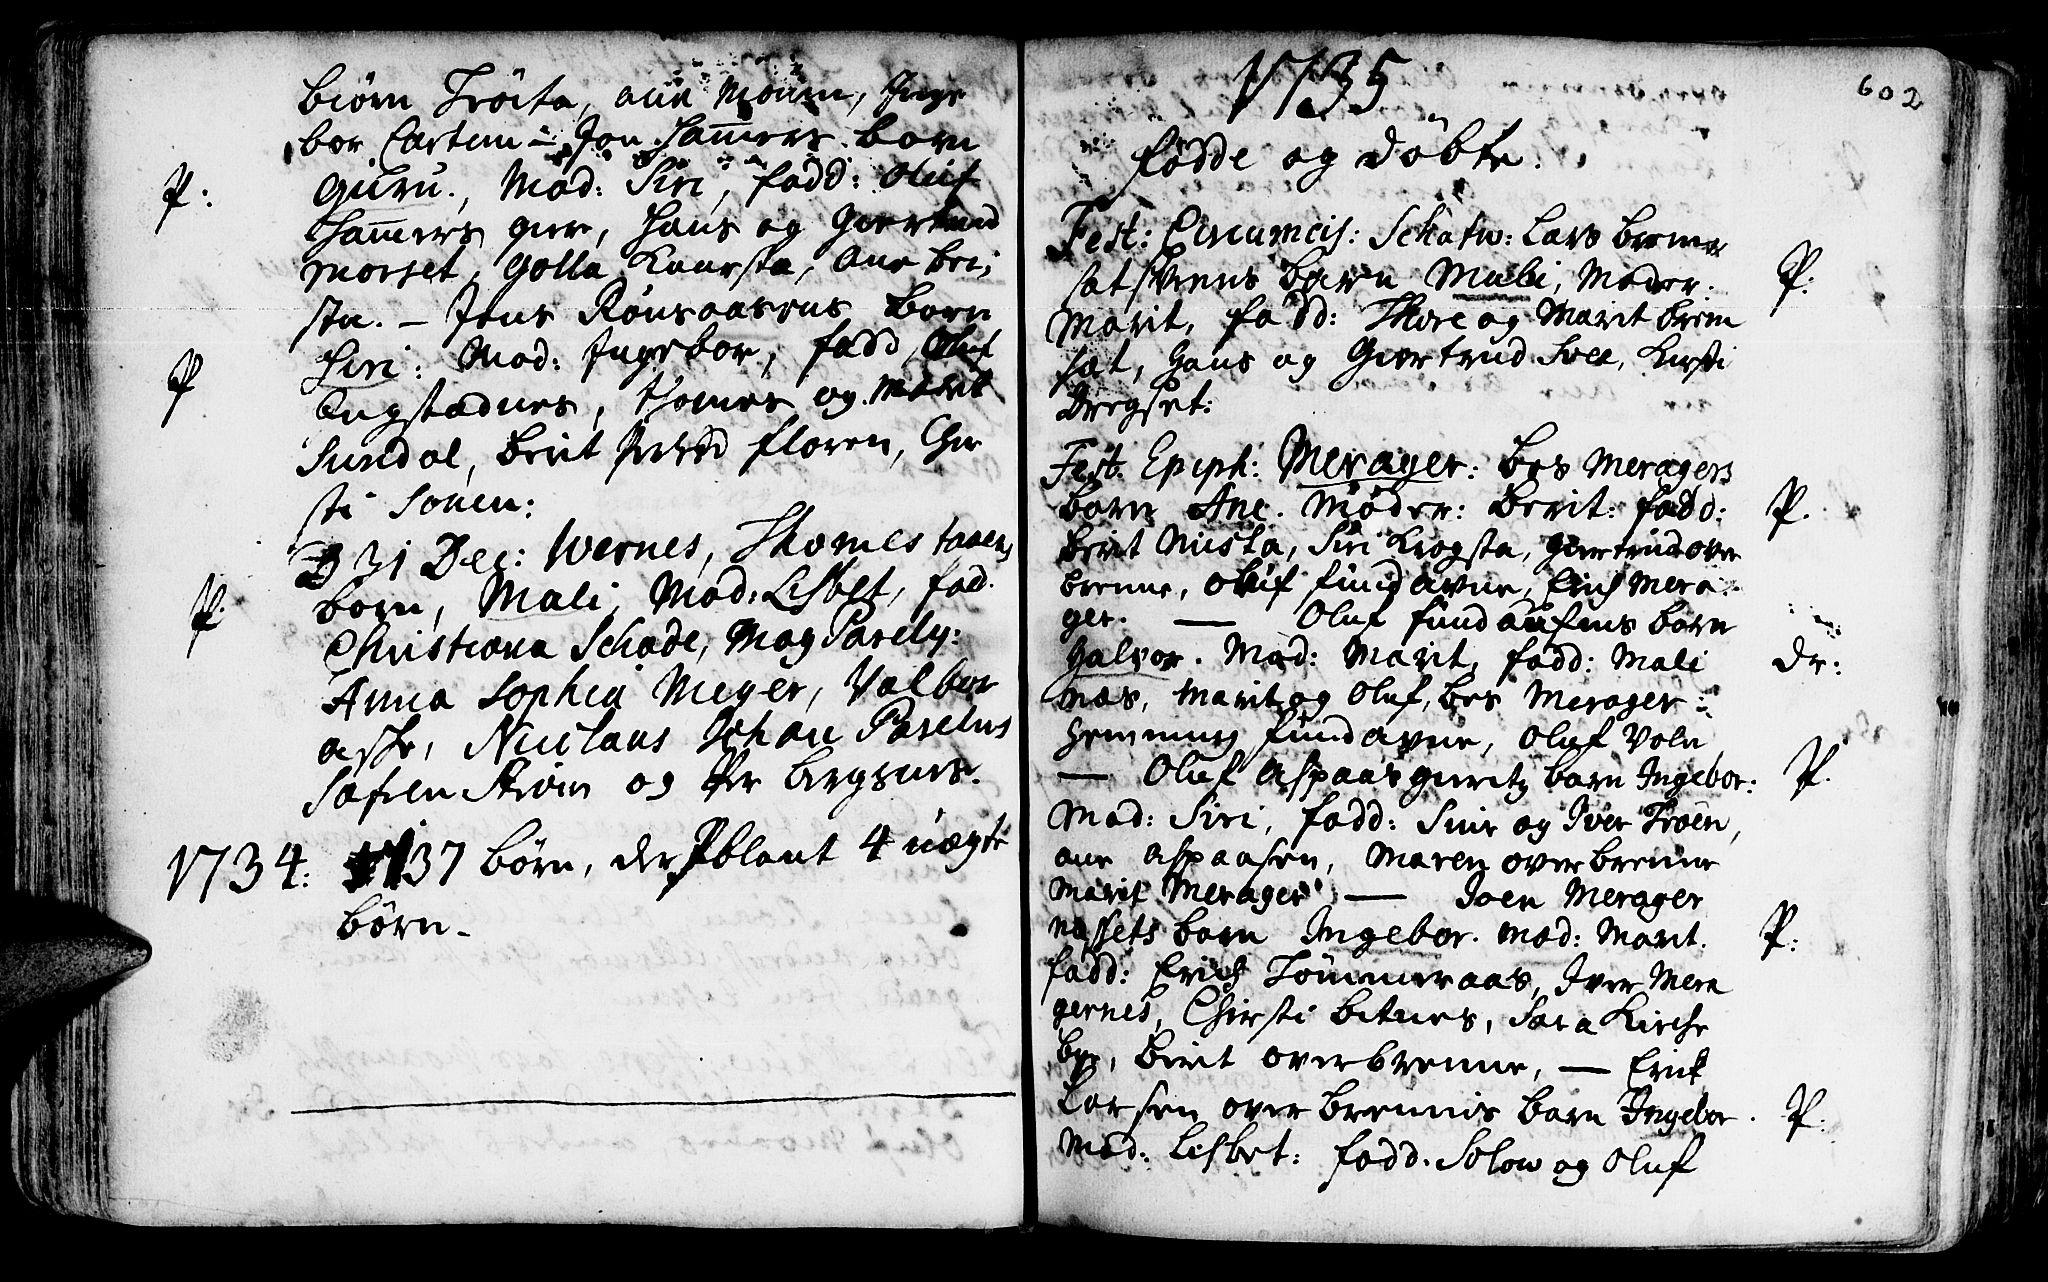 SAT, Ministerialprotokoller, klokkerbøker og fødselsregistre - Nord-Trøndelag, 709/L0055: Ministerialbok nr. 709A03, 1730-1739, s. 601-602